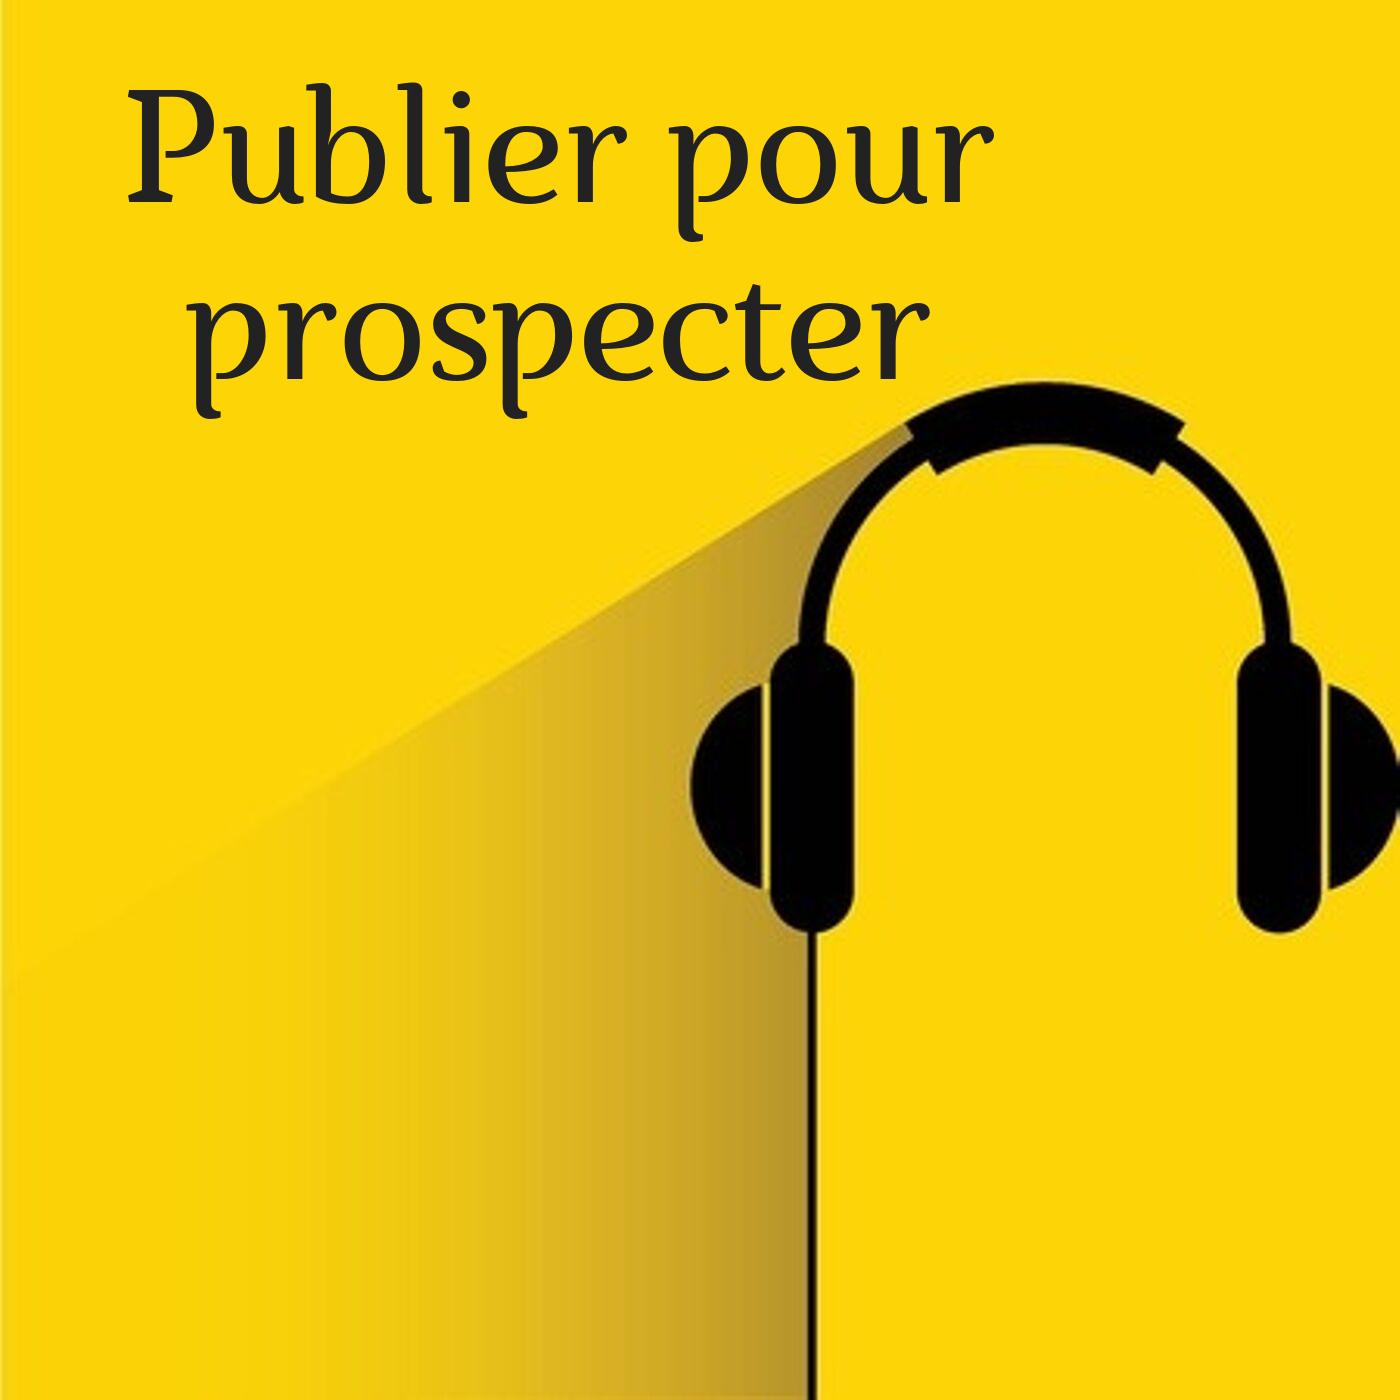 Publier pour prospecter